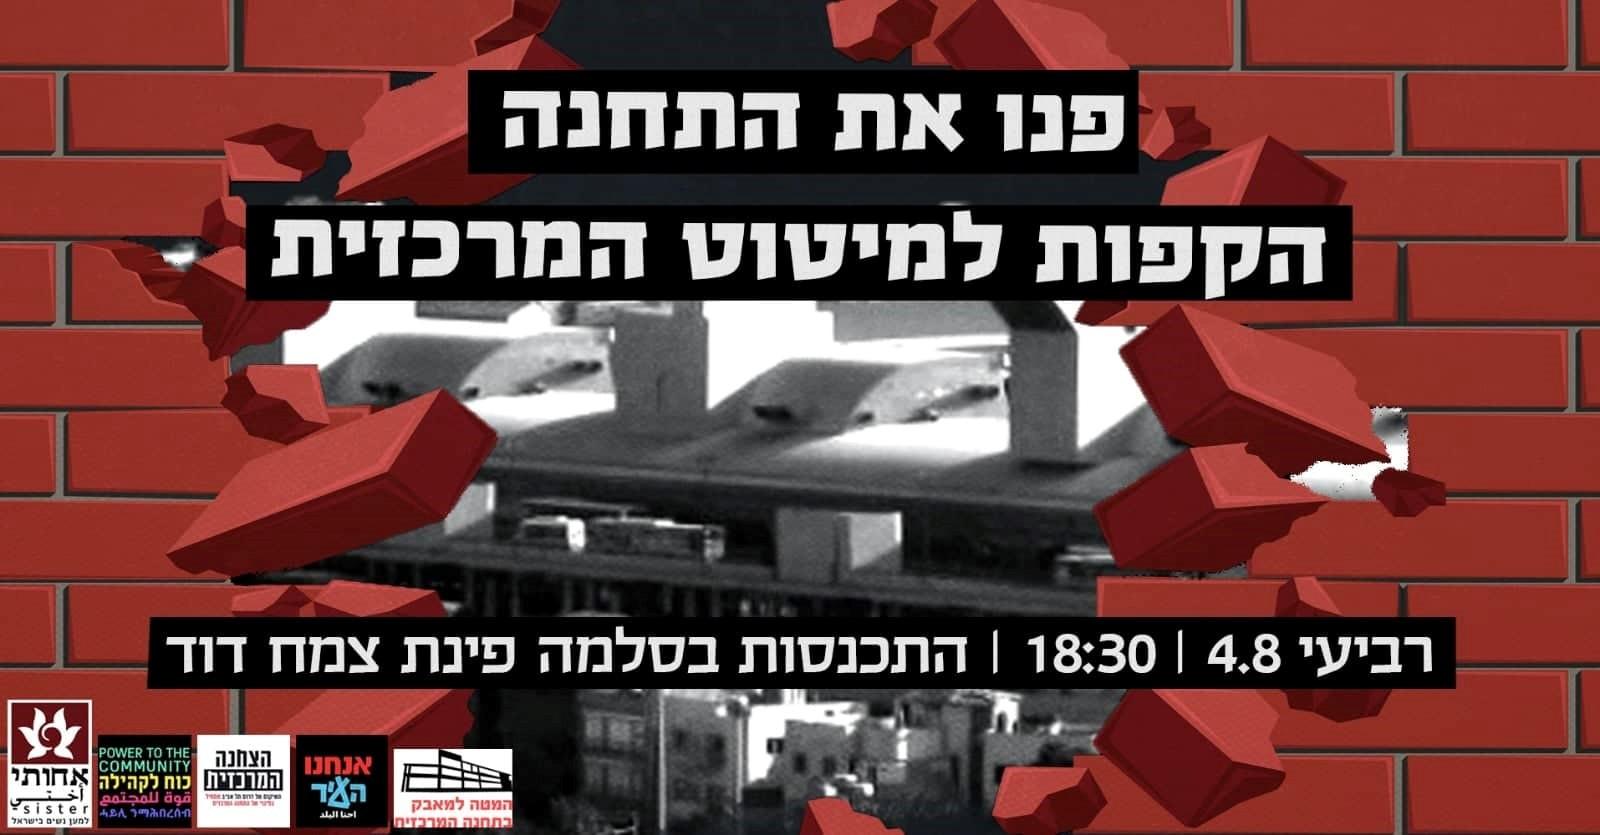 """פעילי """"אנחנו העיר"""" ותושבים ידרשו לפנות את התחנה המרכזית בהקפות למיטוט חומותיה"""